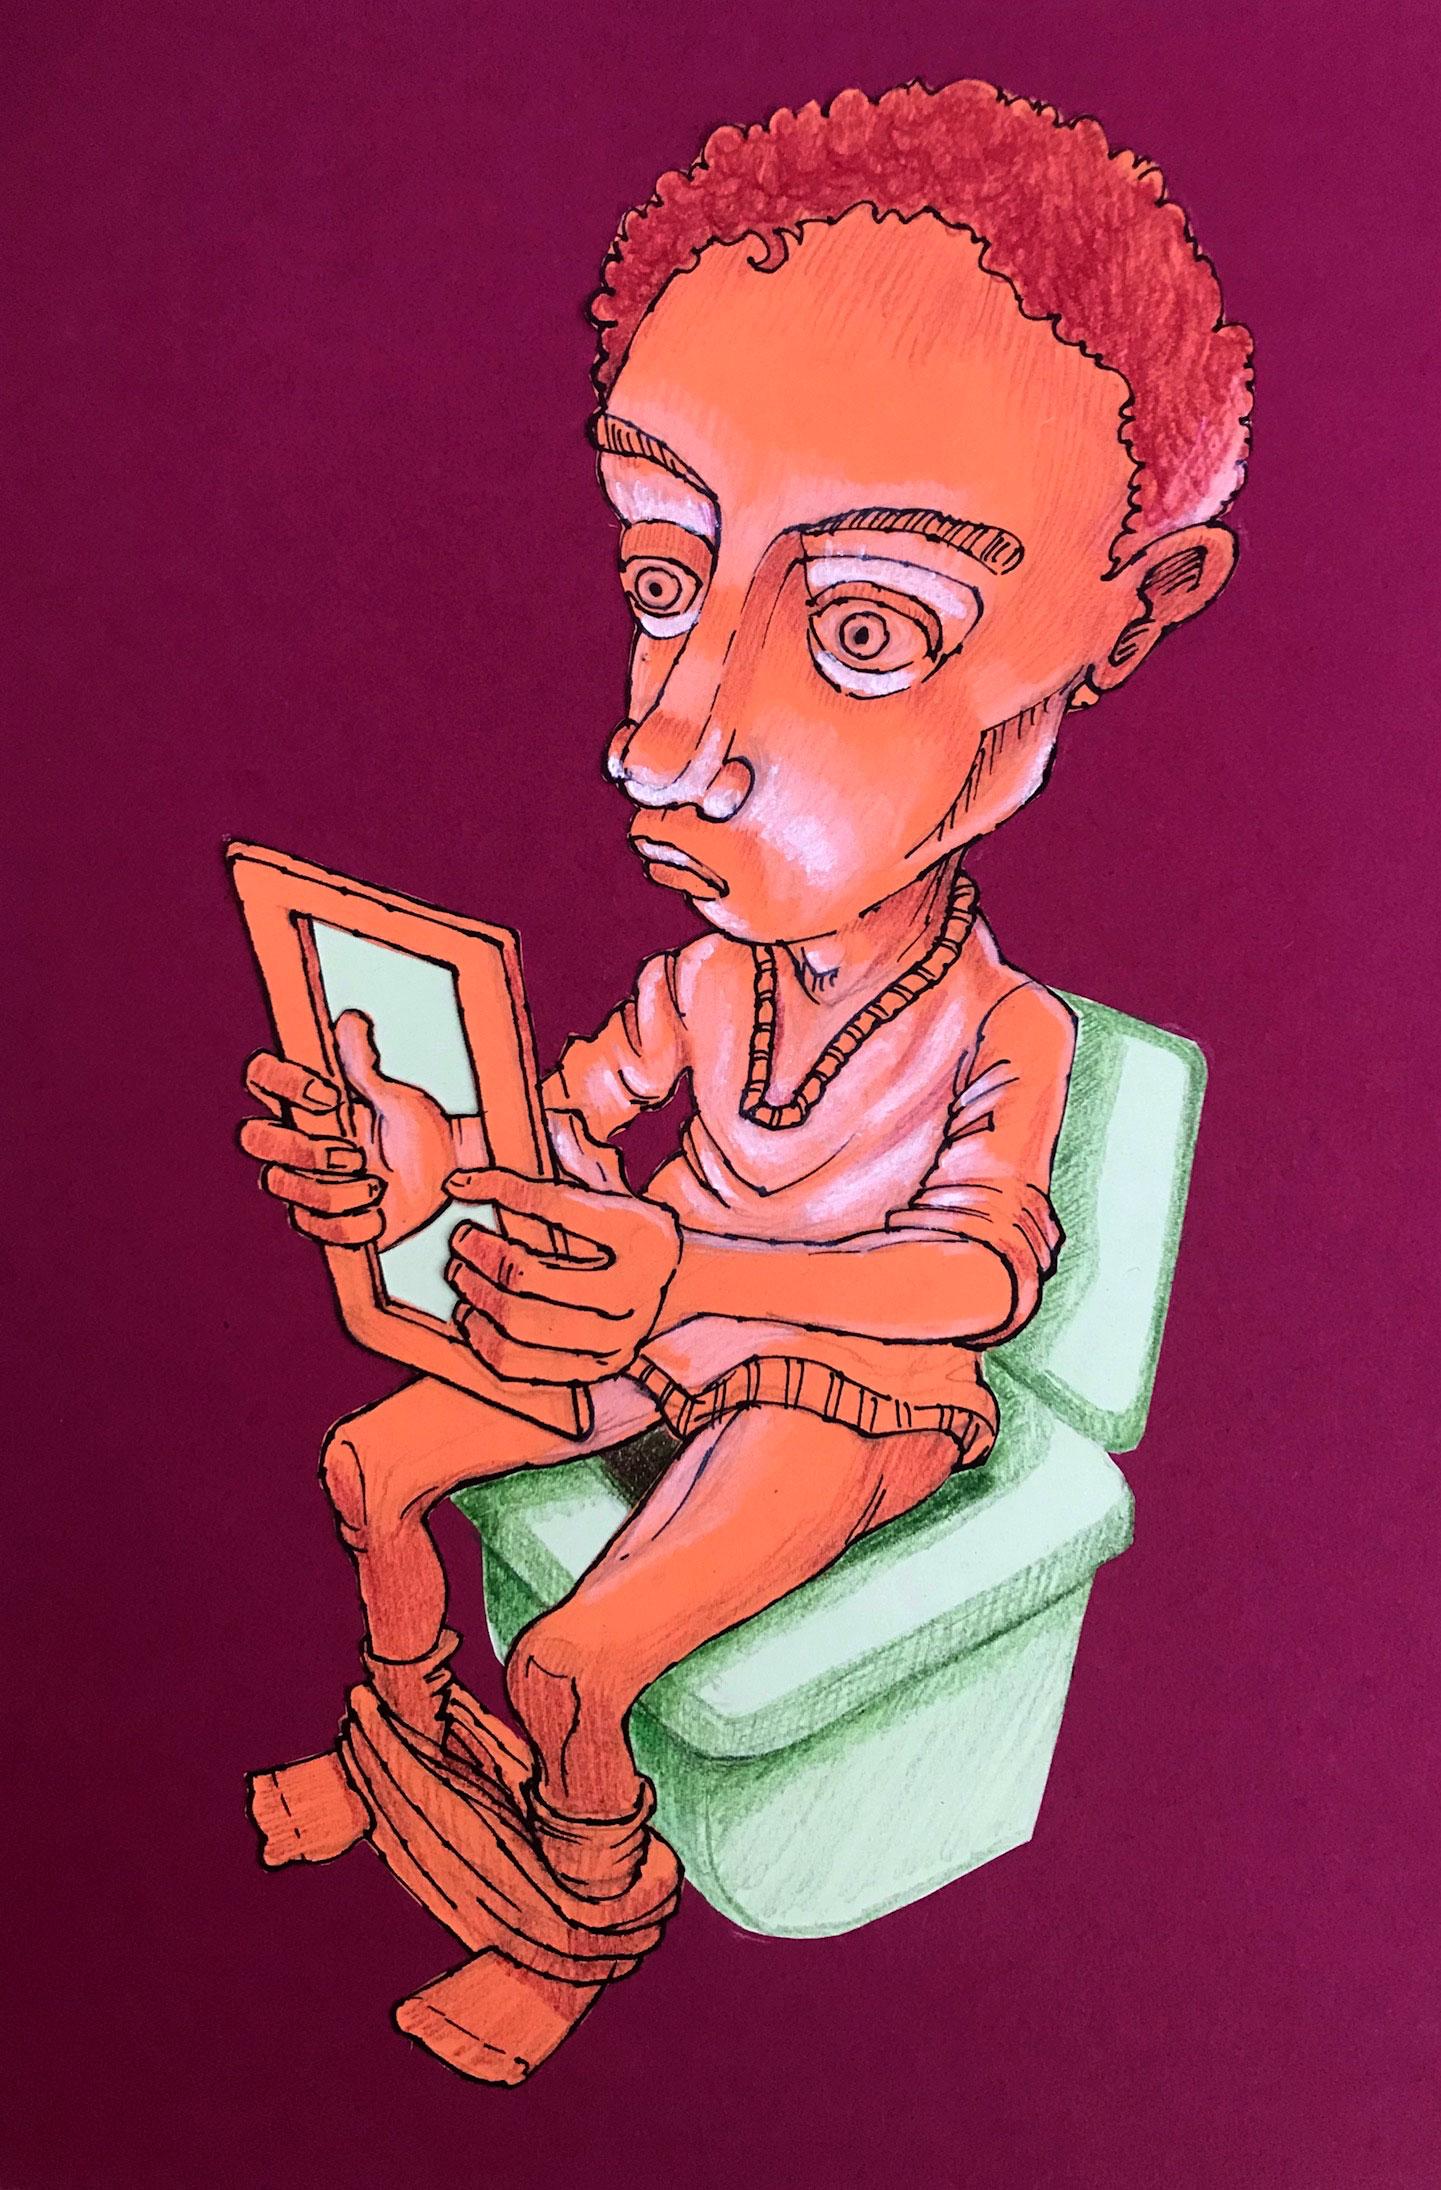 Zeichnung, Polychromos, Selbstporträt, Voodoo, Toilette